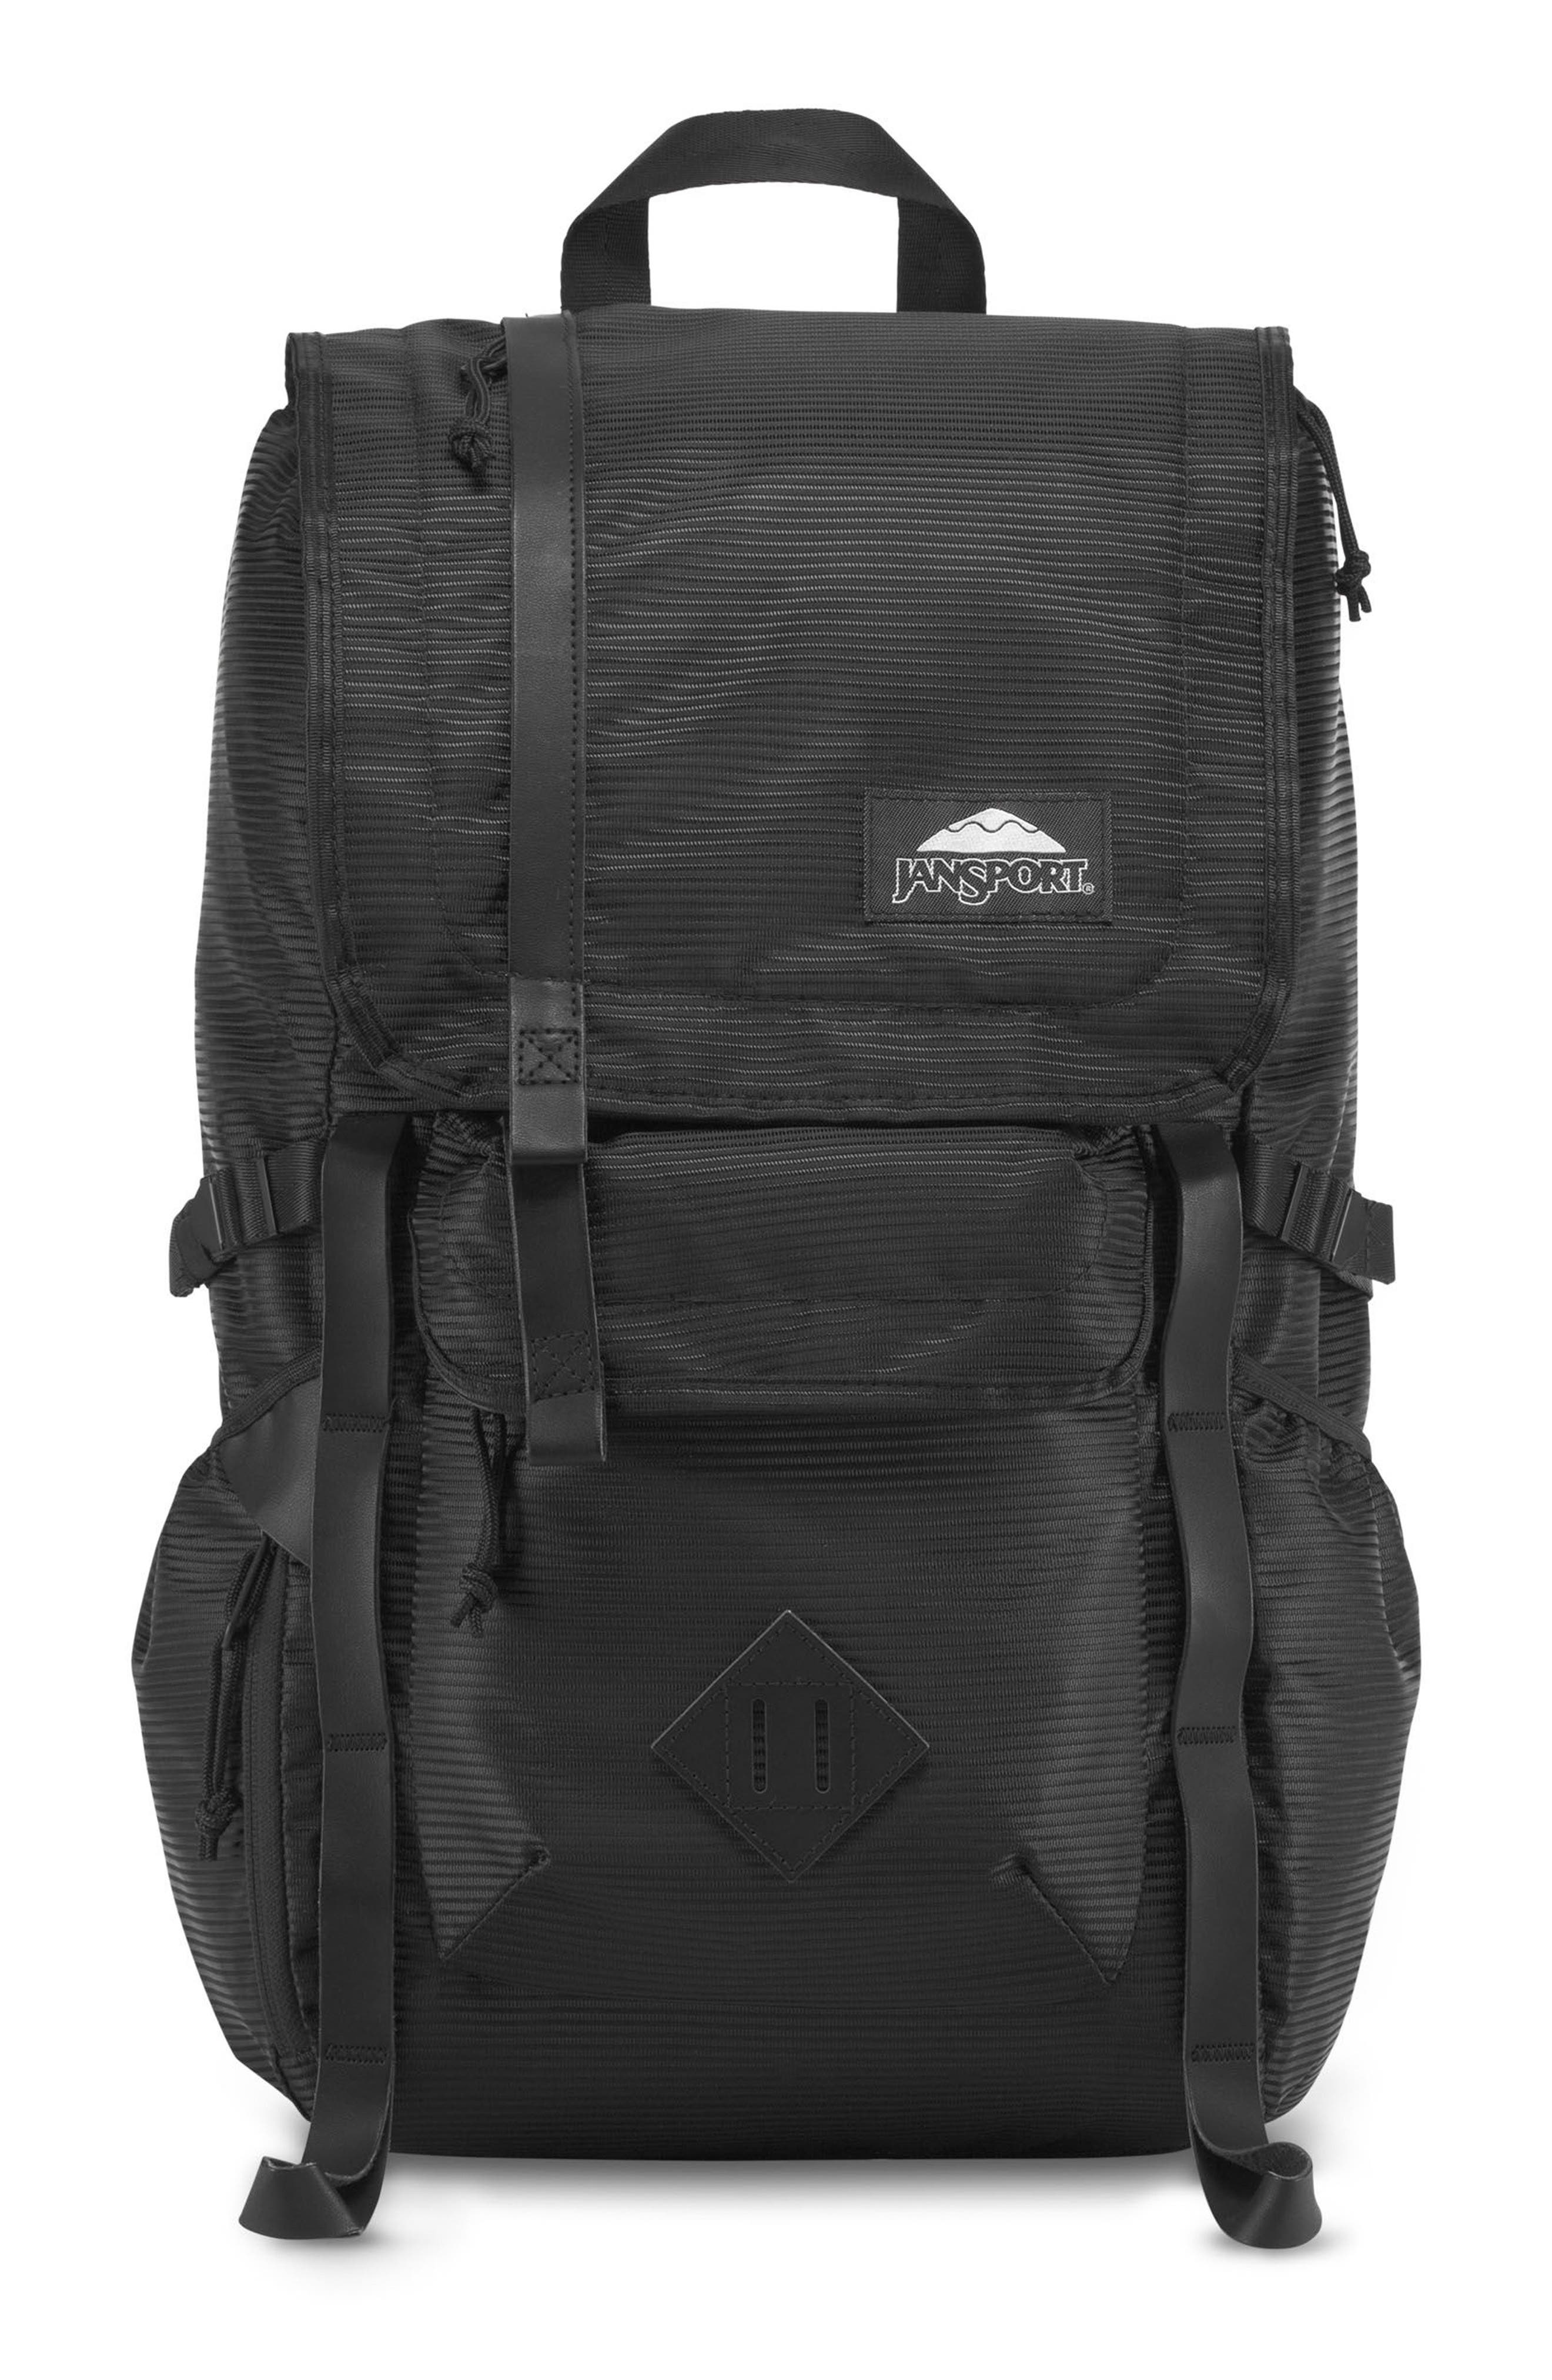 Hatchet DL Backpack,                         Main,                         color, Black Line